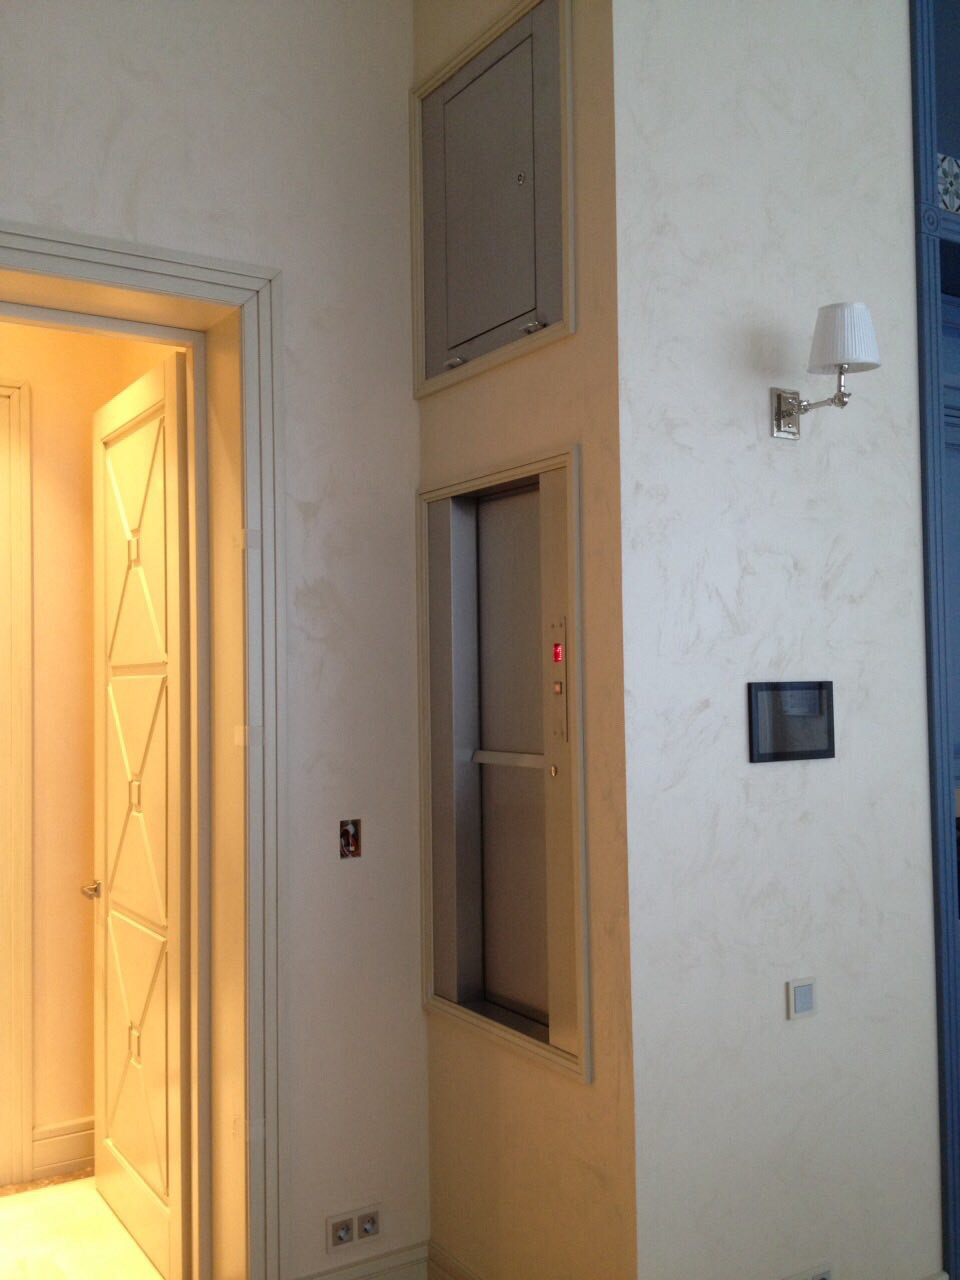 Малый грузовой лифт для коттеджа в поселке 'Петровский' 1